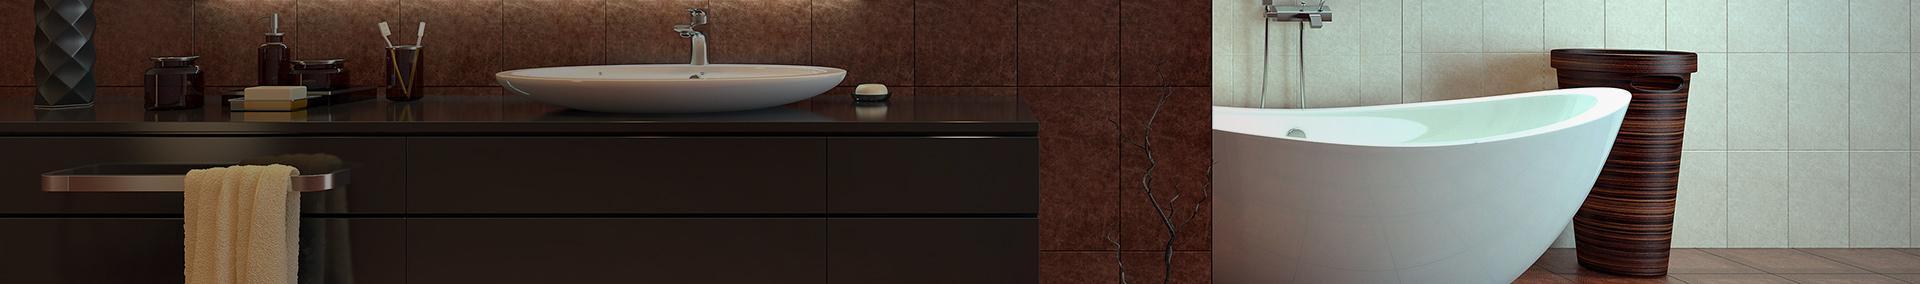 Wnętrze łazienki z wanną